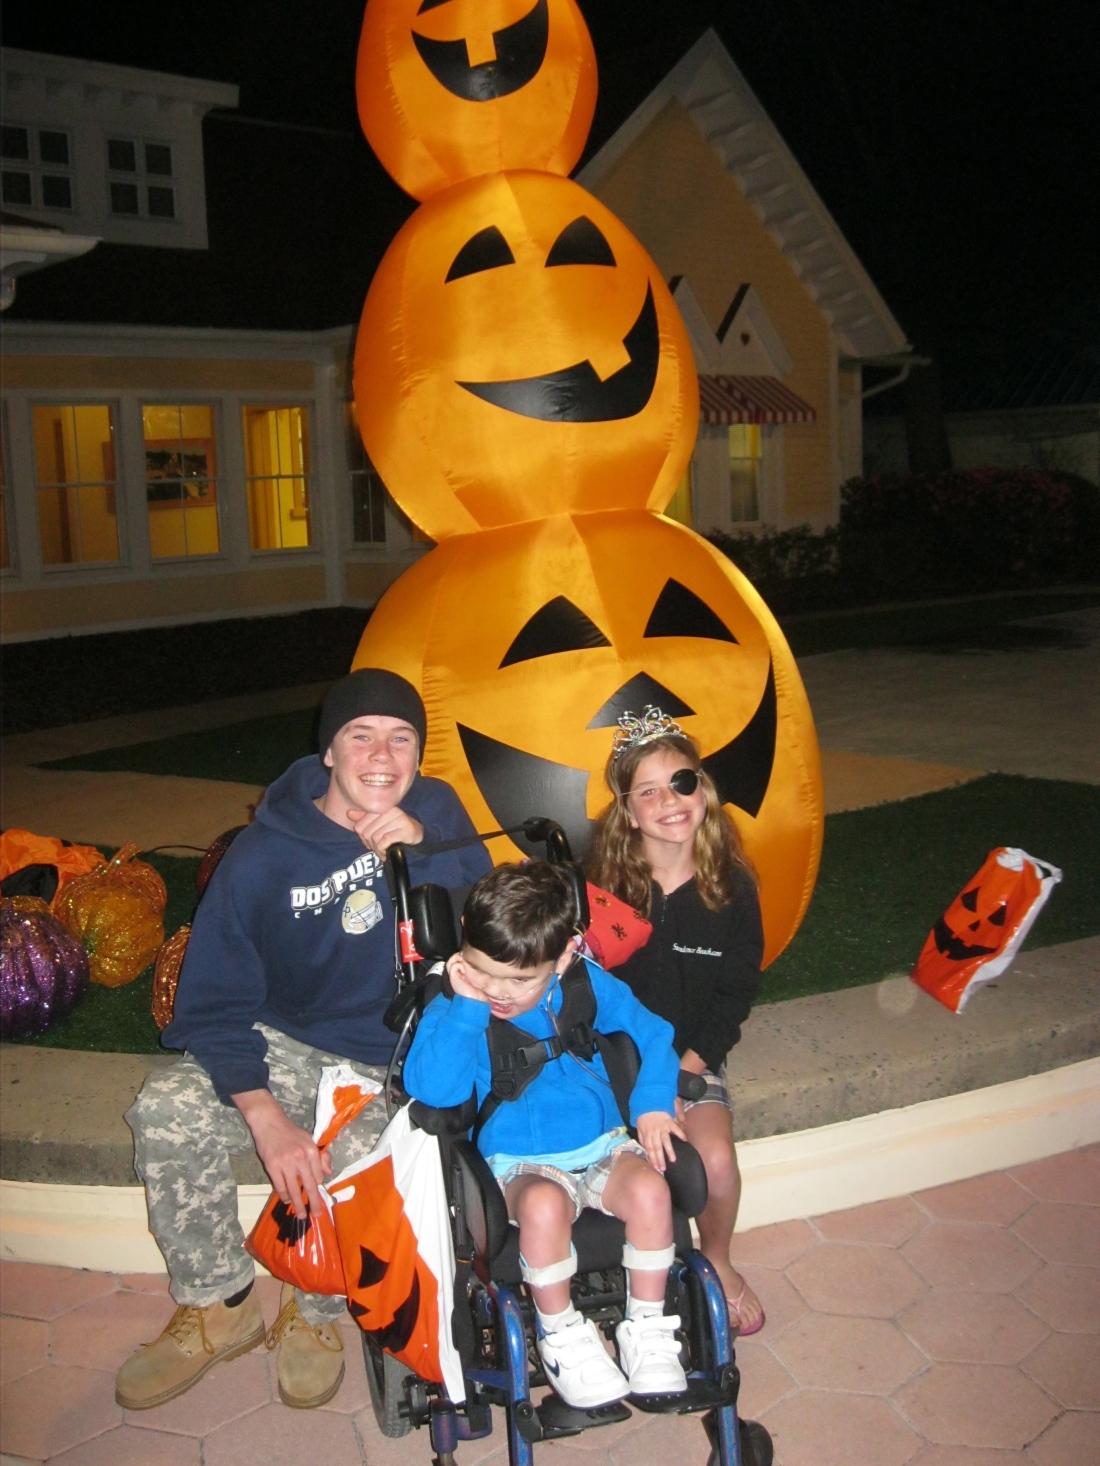 Some Halloween fun in the p.m.